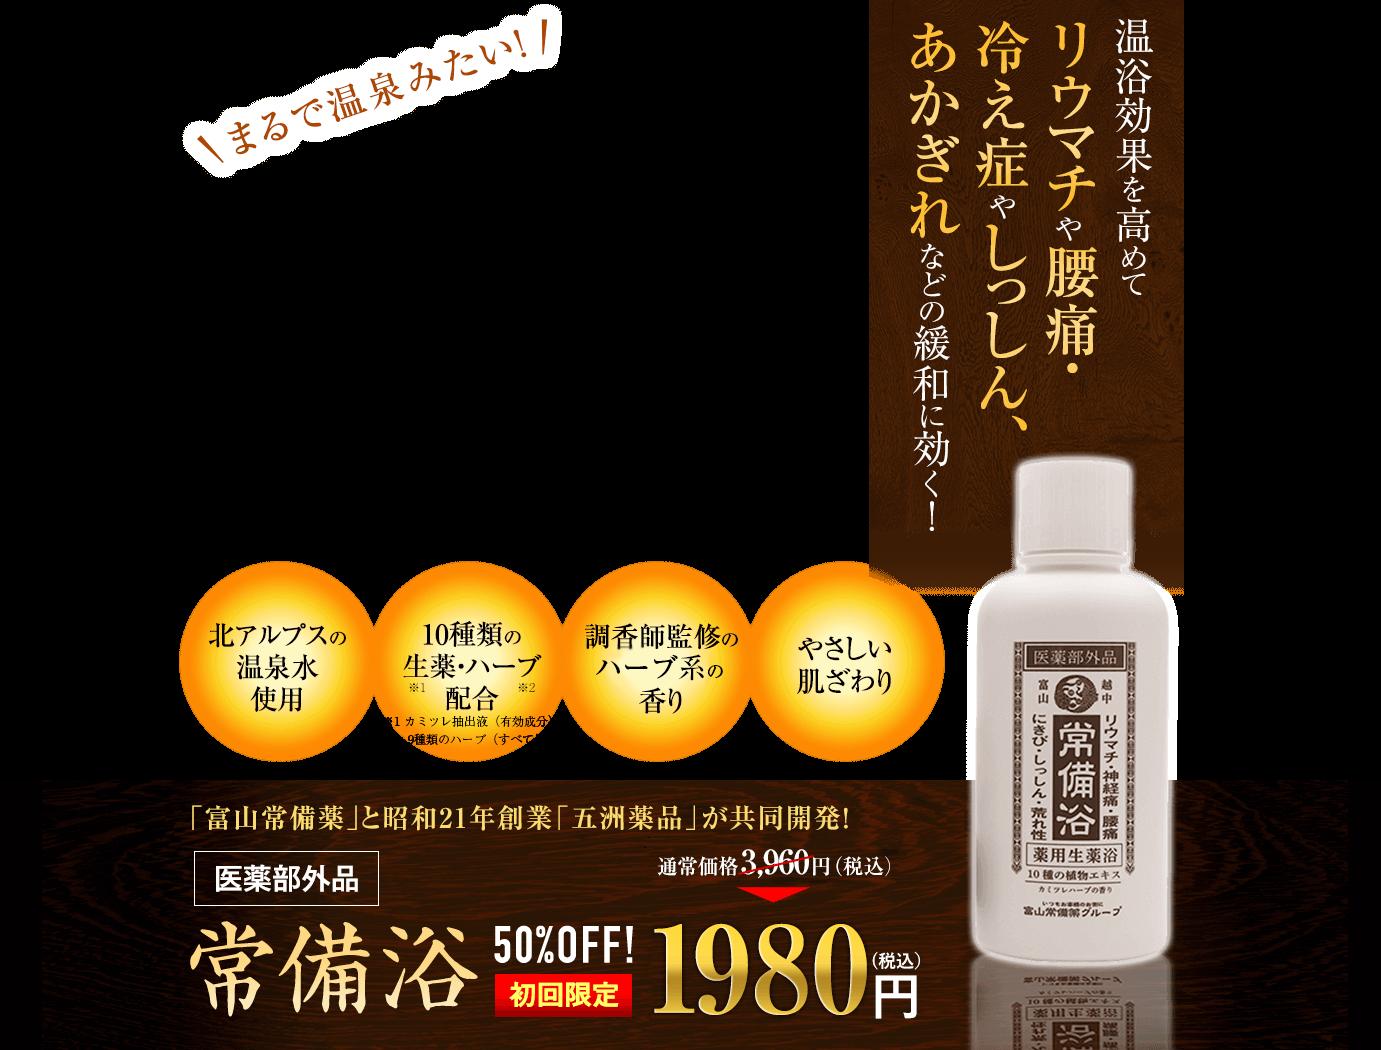 温浴効果を高めてリウマチや腰痛・しっしん、冷え性、あかぎれの緩和に効く!常備浴50%OFF!初回限定1,800円(税抜)